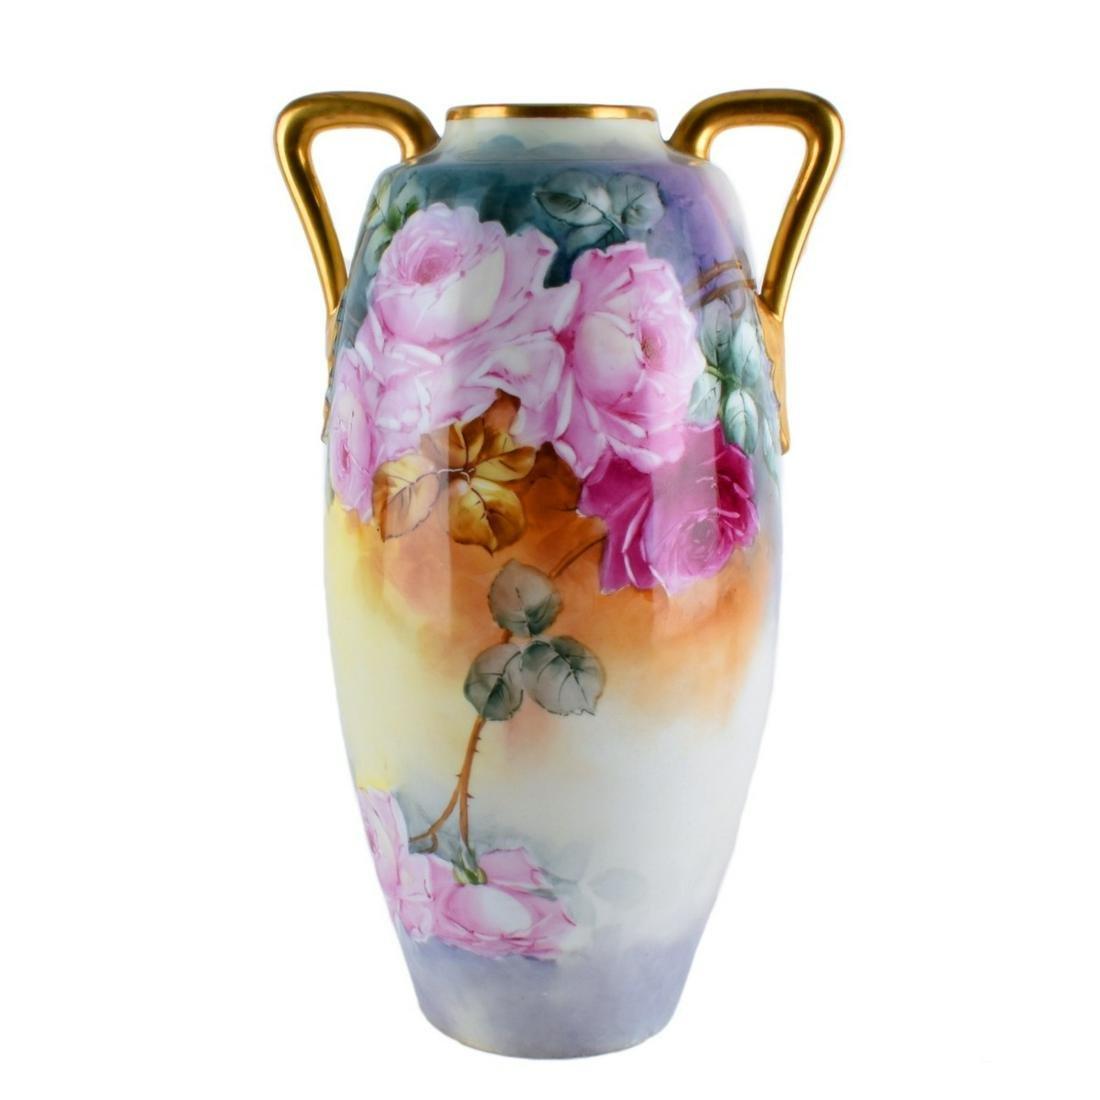 Antique Austrian Gilded Porcelain Handled Vase